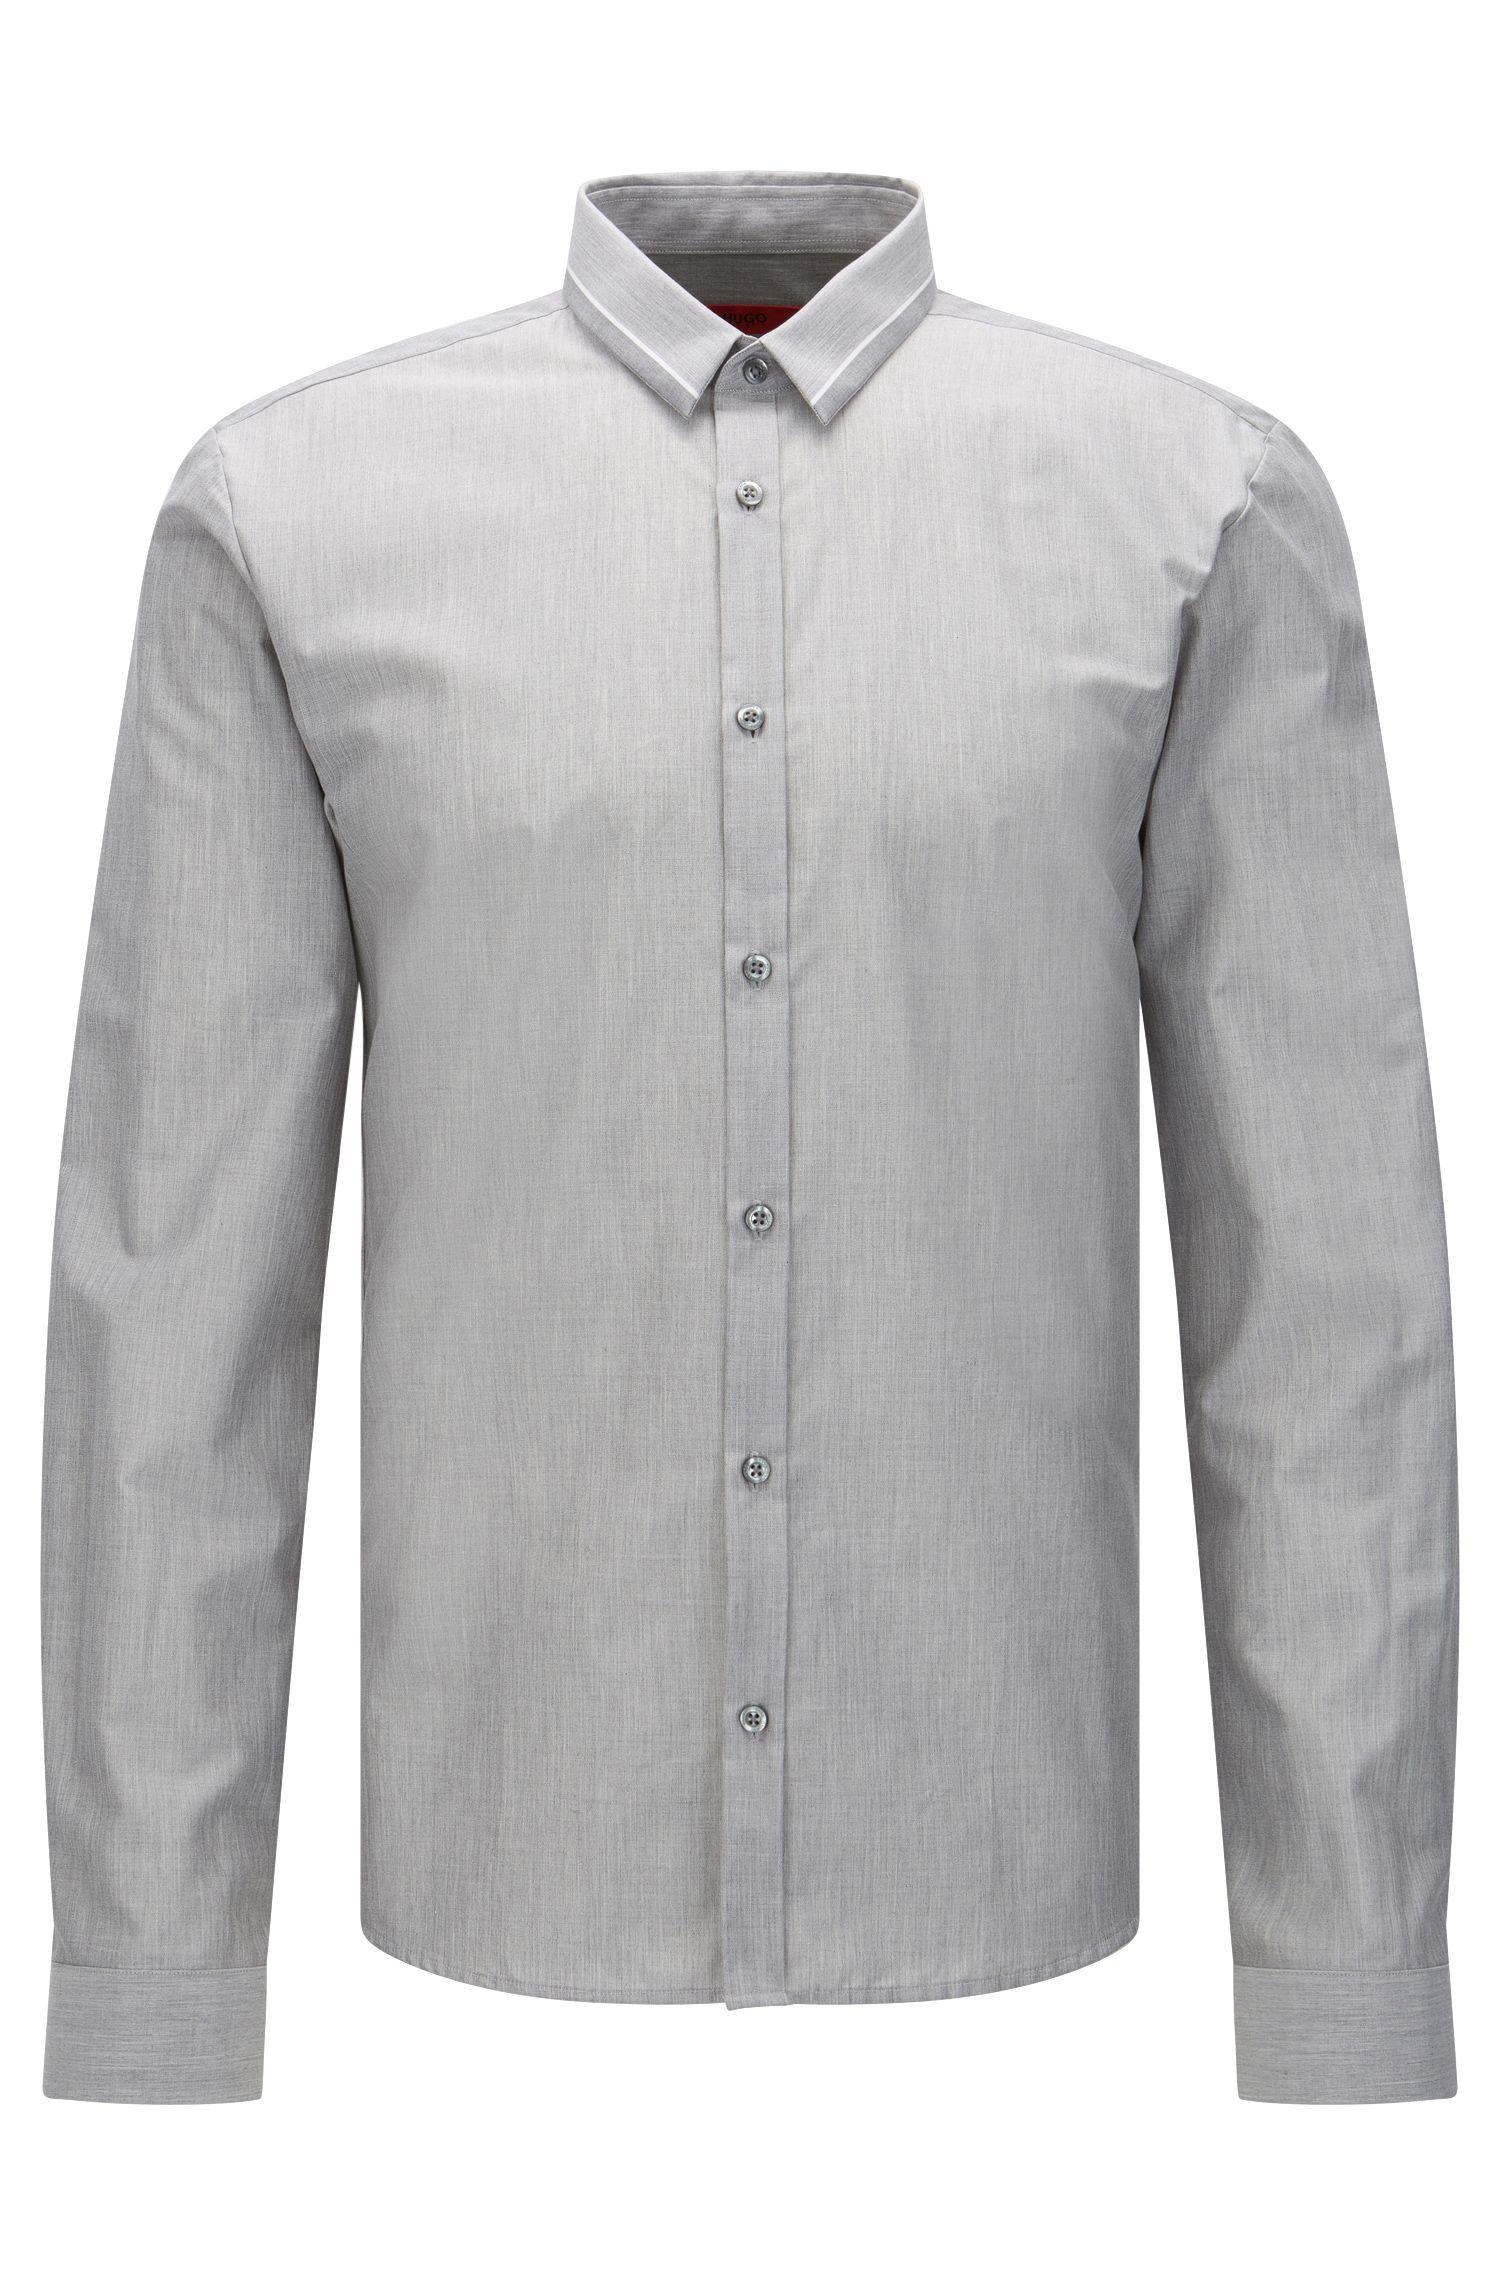 Meliertes Extra Slim-Fit Hemd aus Baumwolle mit Kontrast-Streifen: 'Ero3'